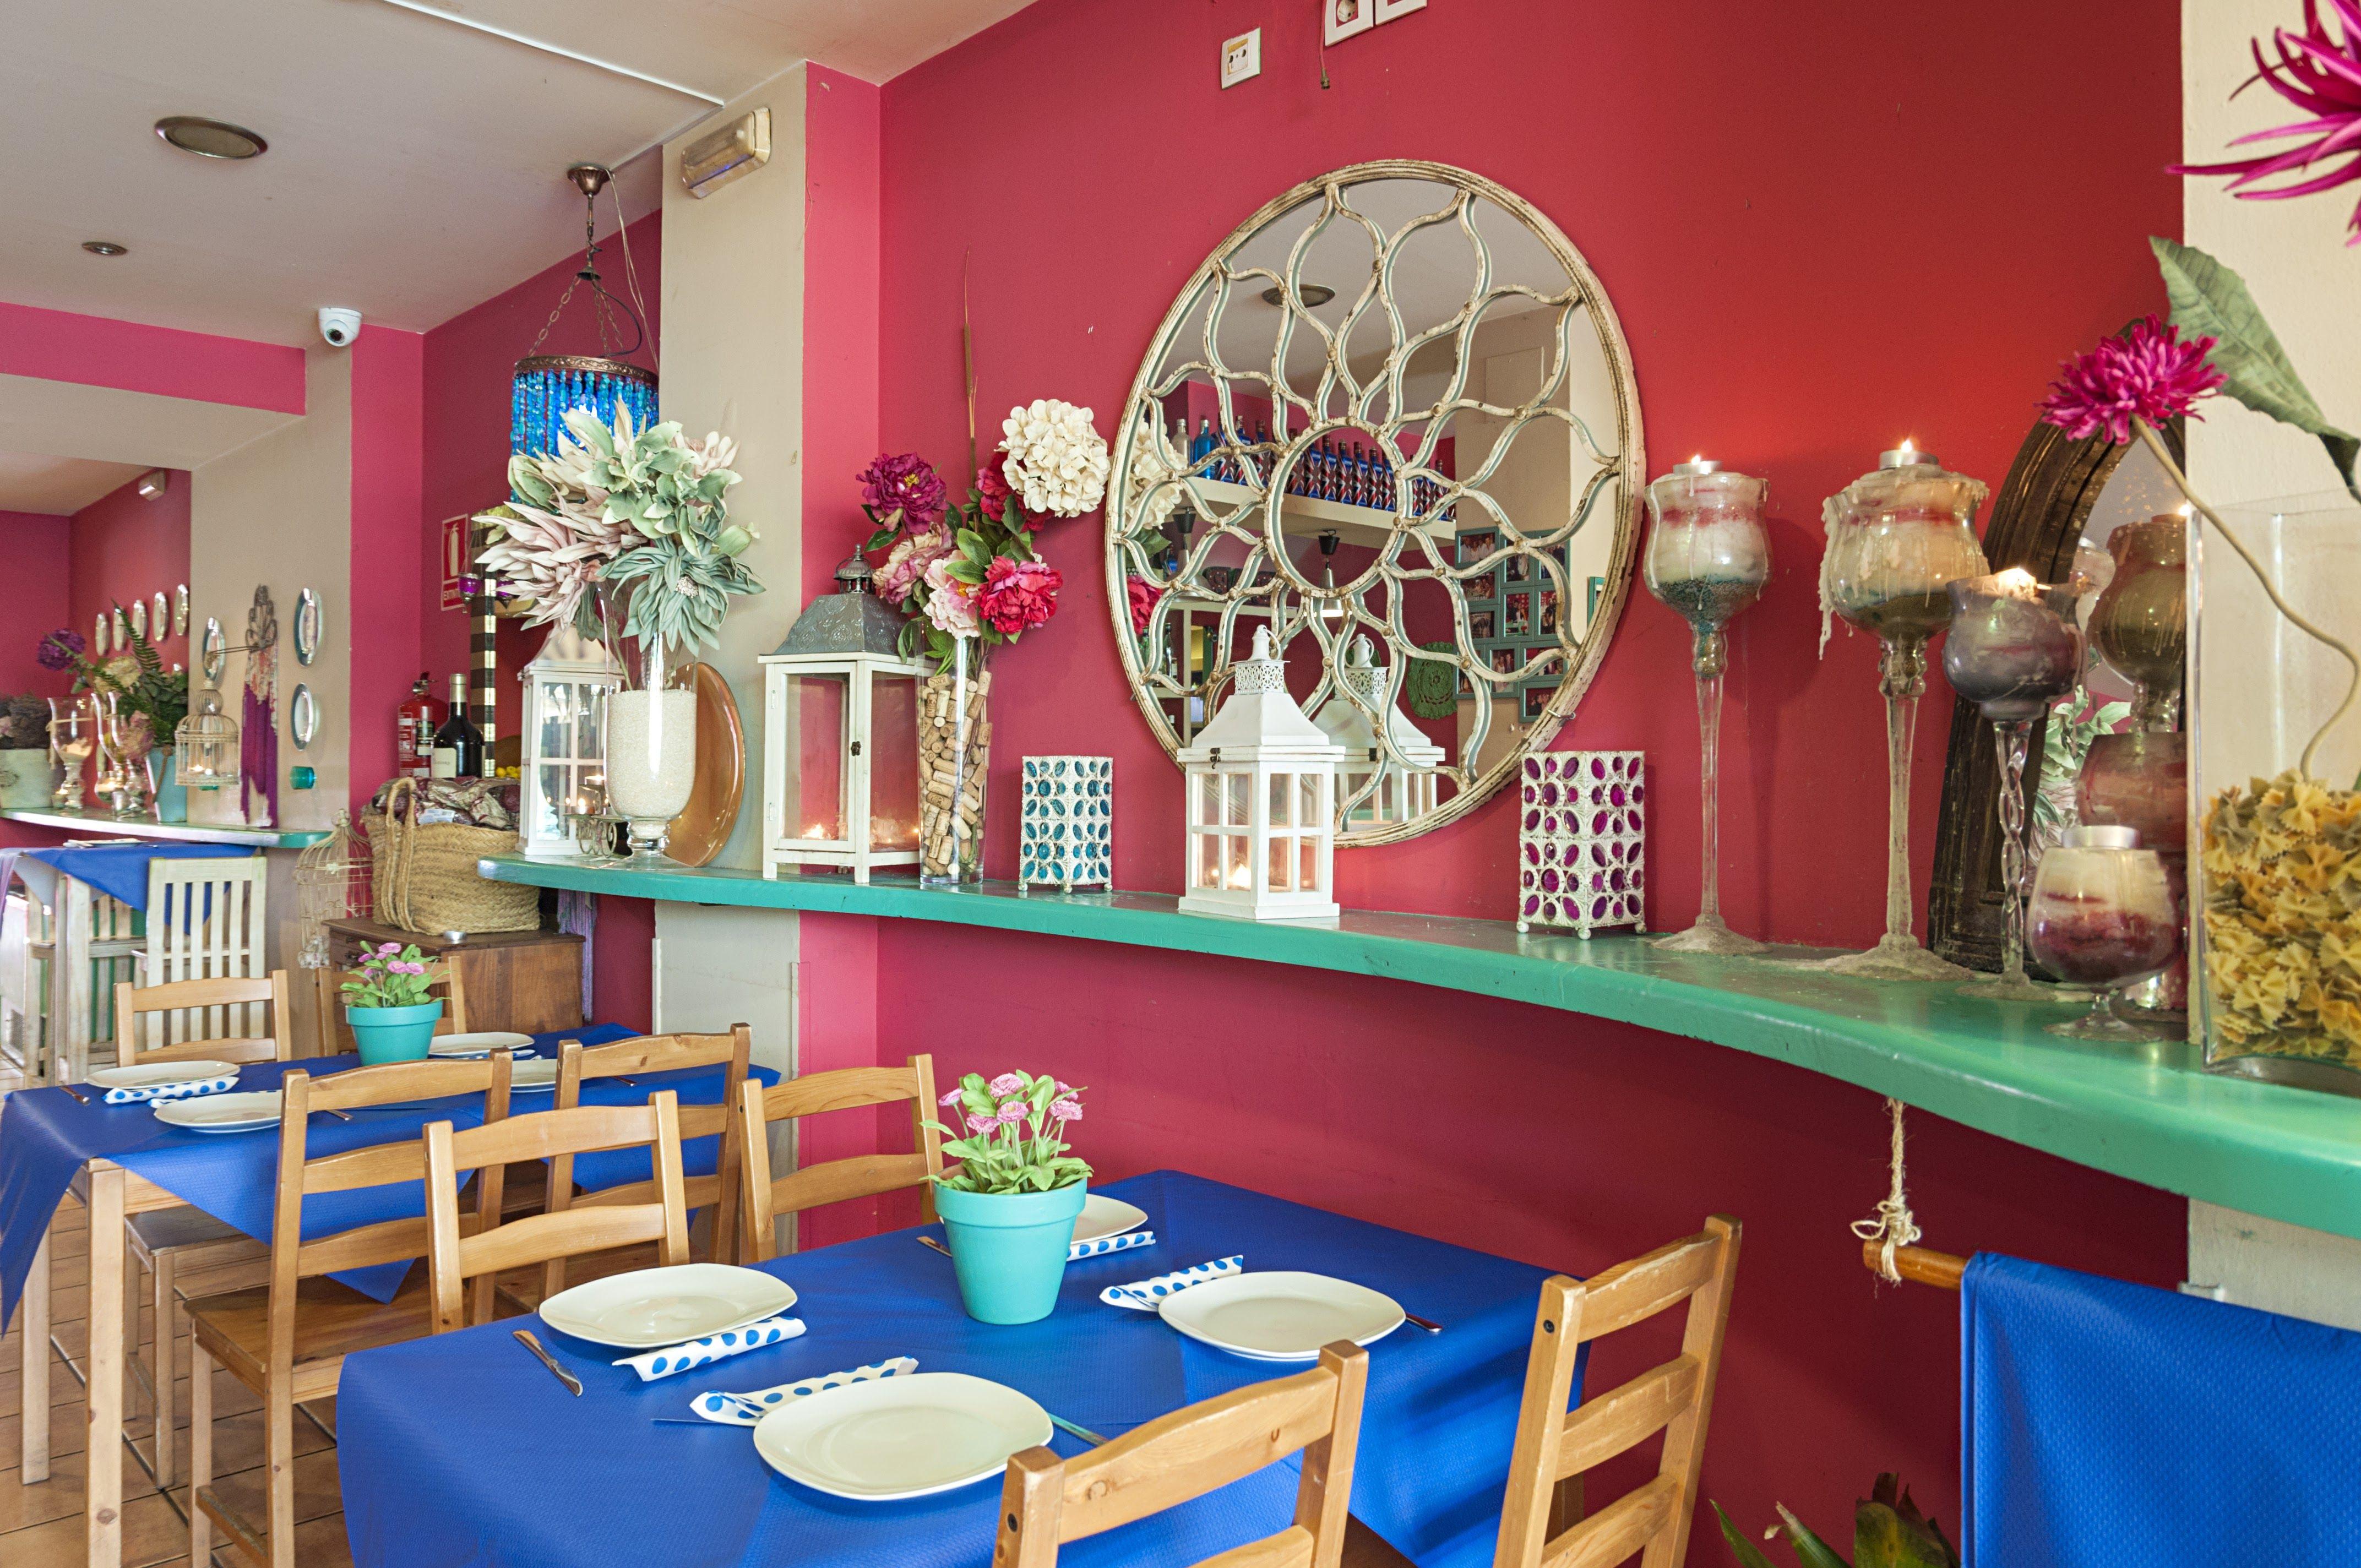 Foto 5 de Restaurantes espectáculo en Sevilla | Lola Cazerola